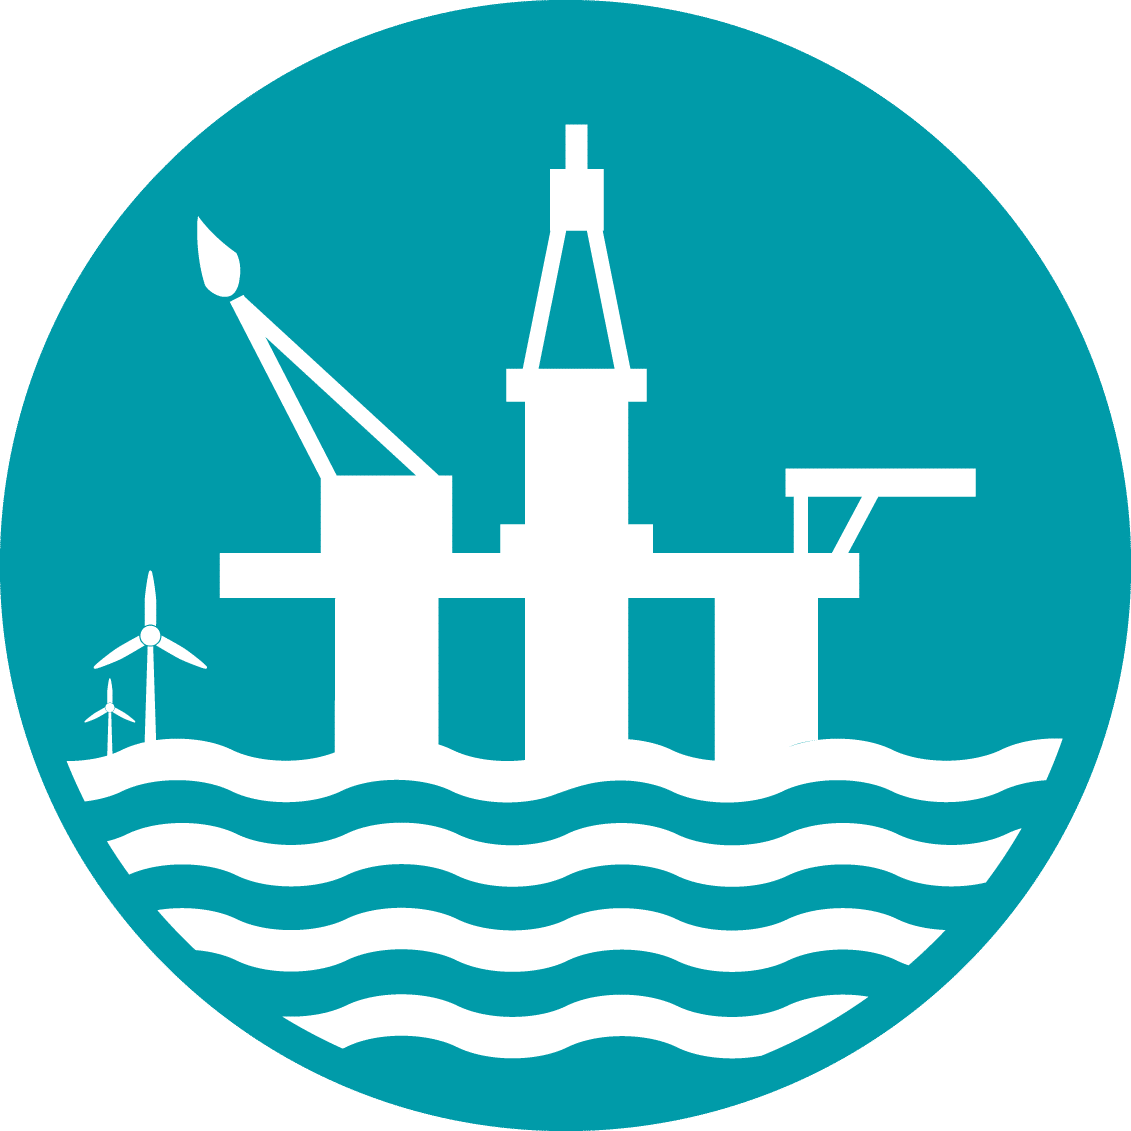 Rhopoint Energy